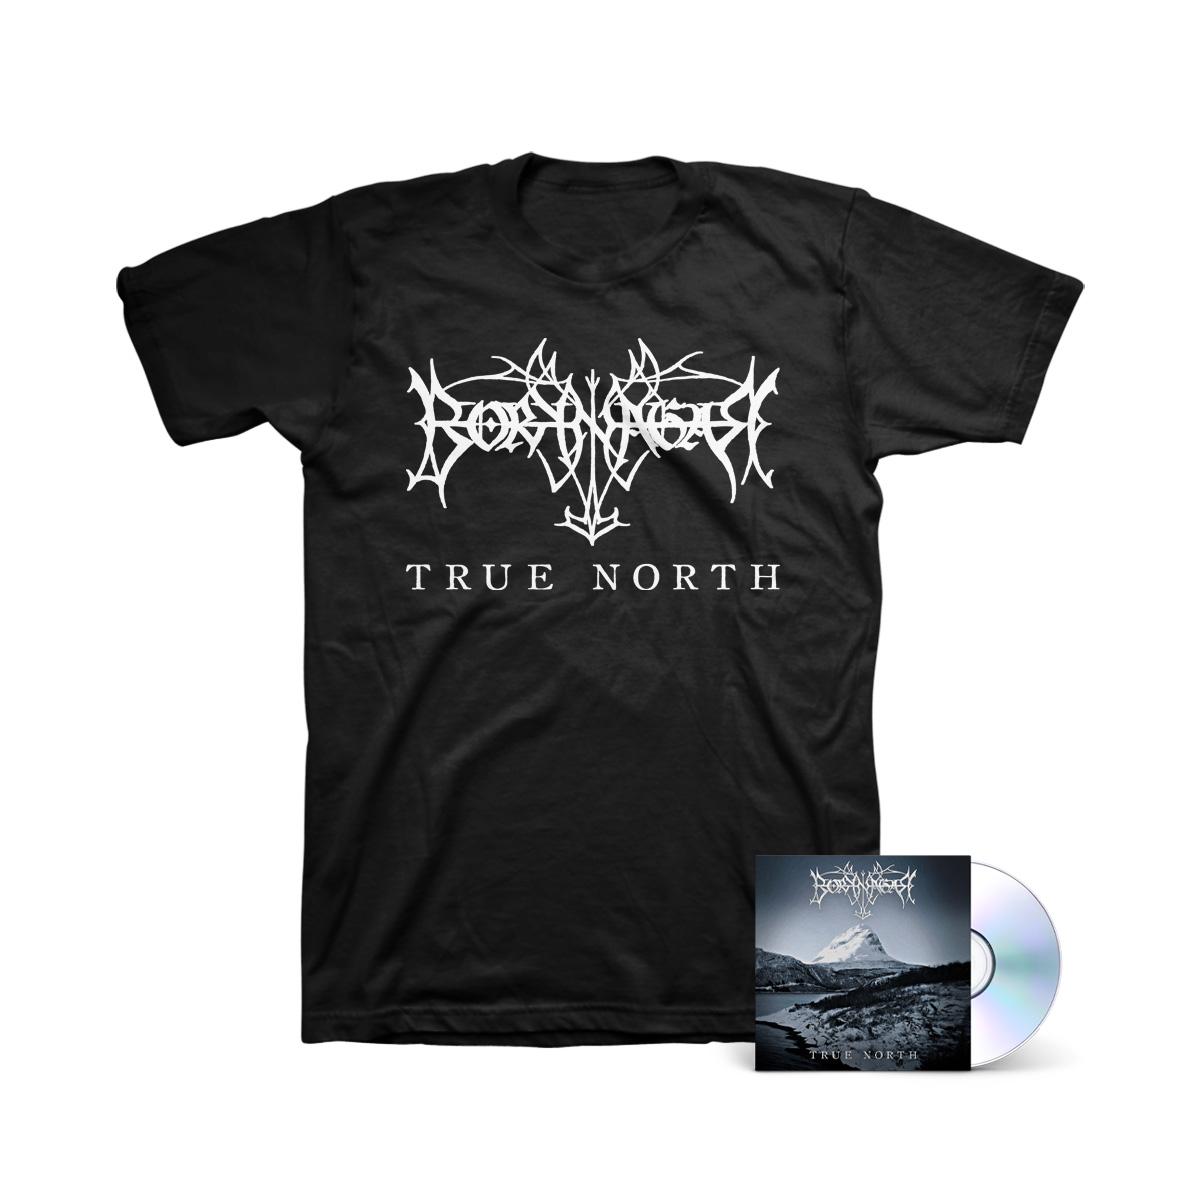 Borknagar - True North Digipak CD + T-Shirt